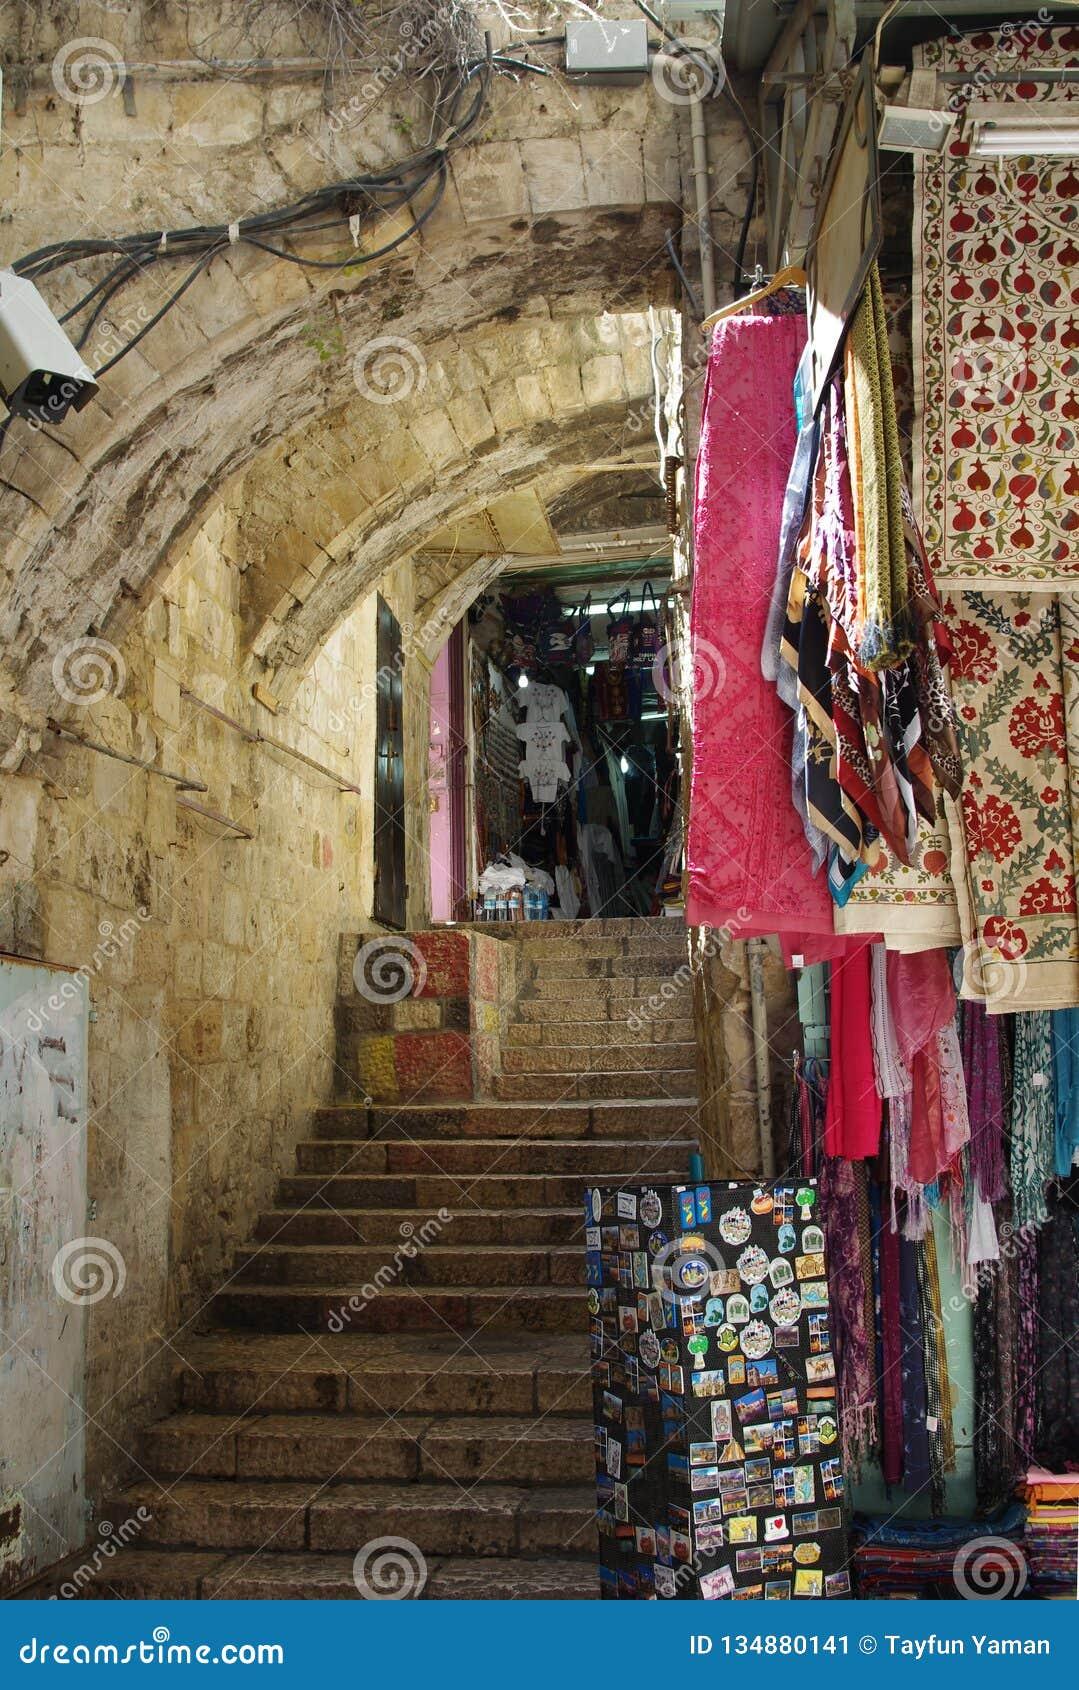 Boutiques de souvenirs vendant les marchandises traditionnelles à Jérusalem, Israël